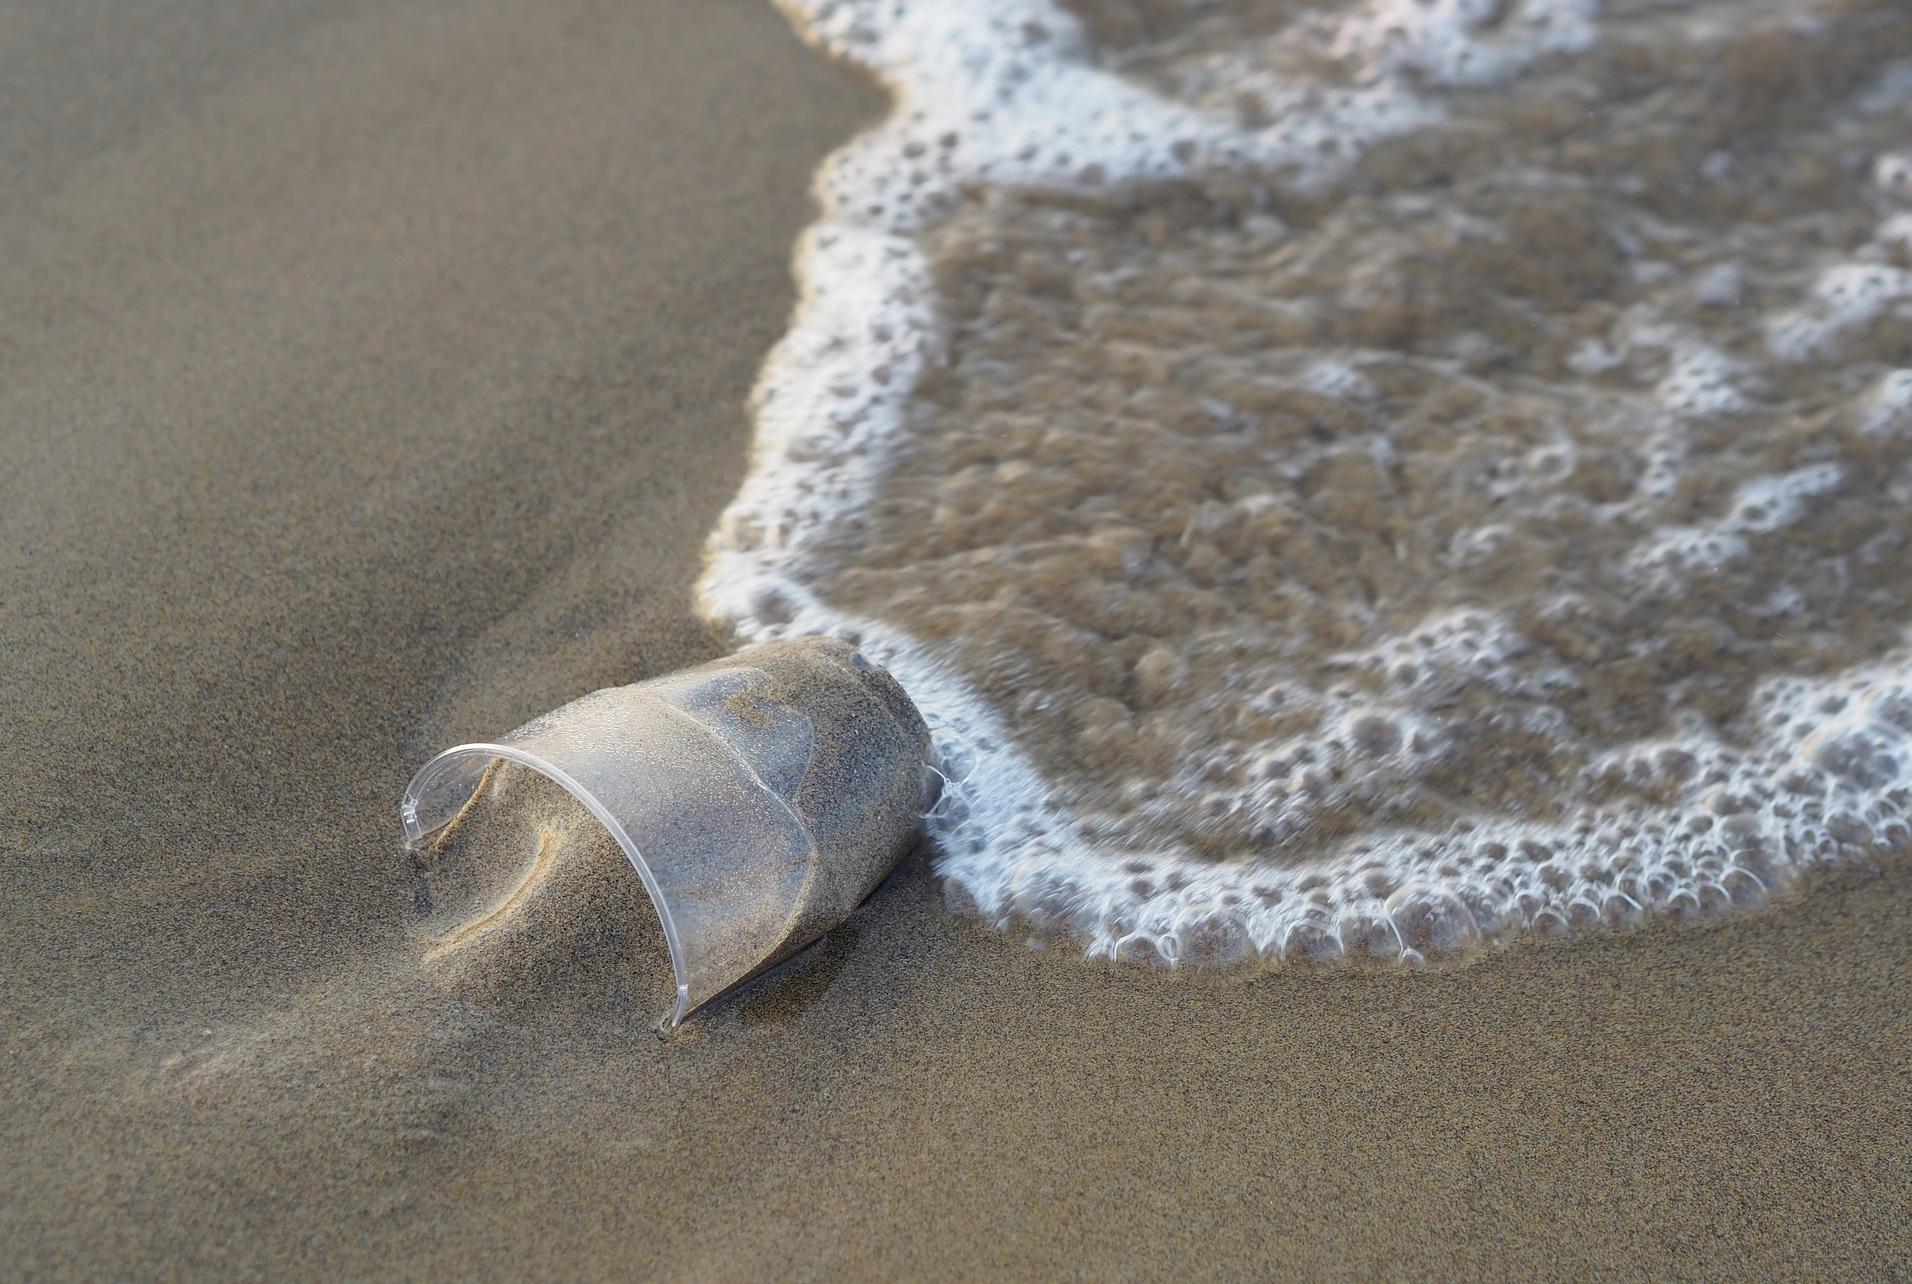 ochrona środowiska odpady